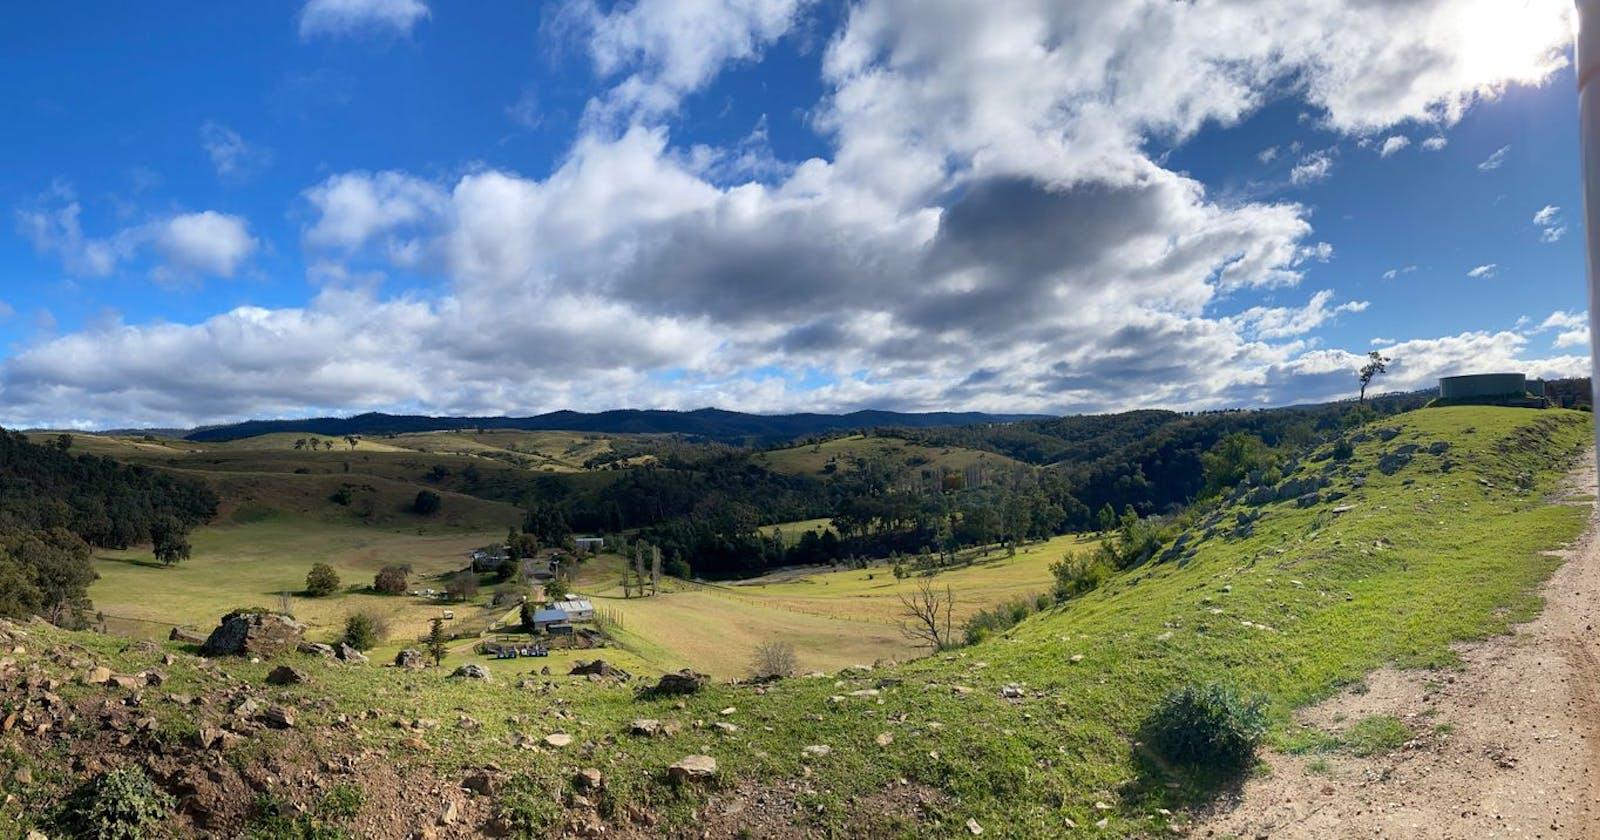 Post-Covid Winter in Victoria